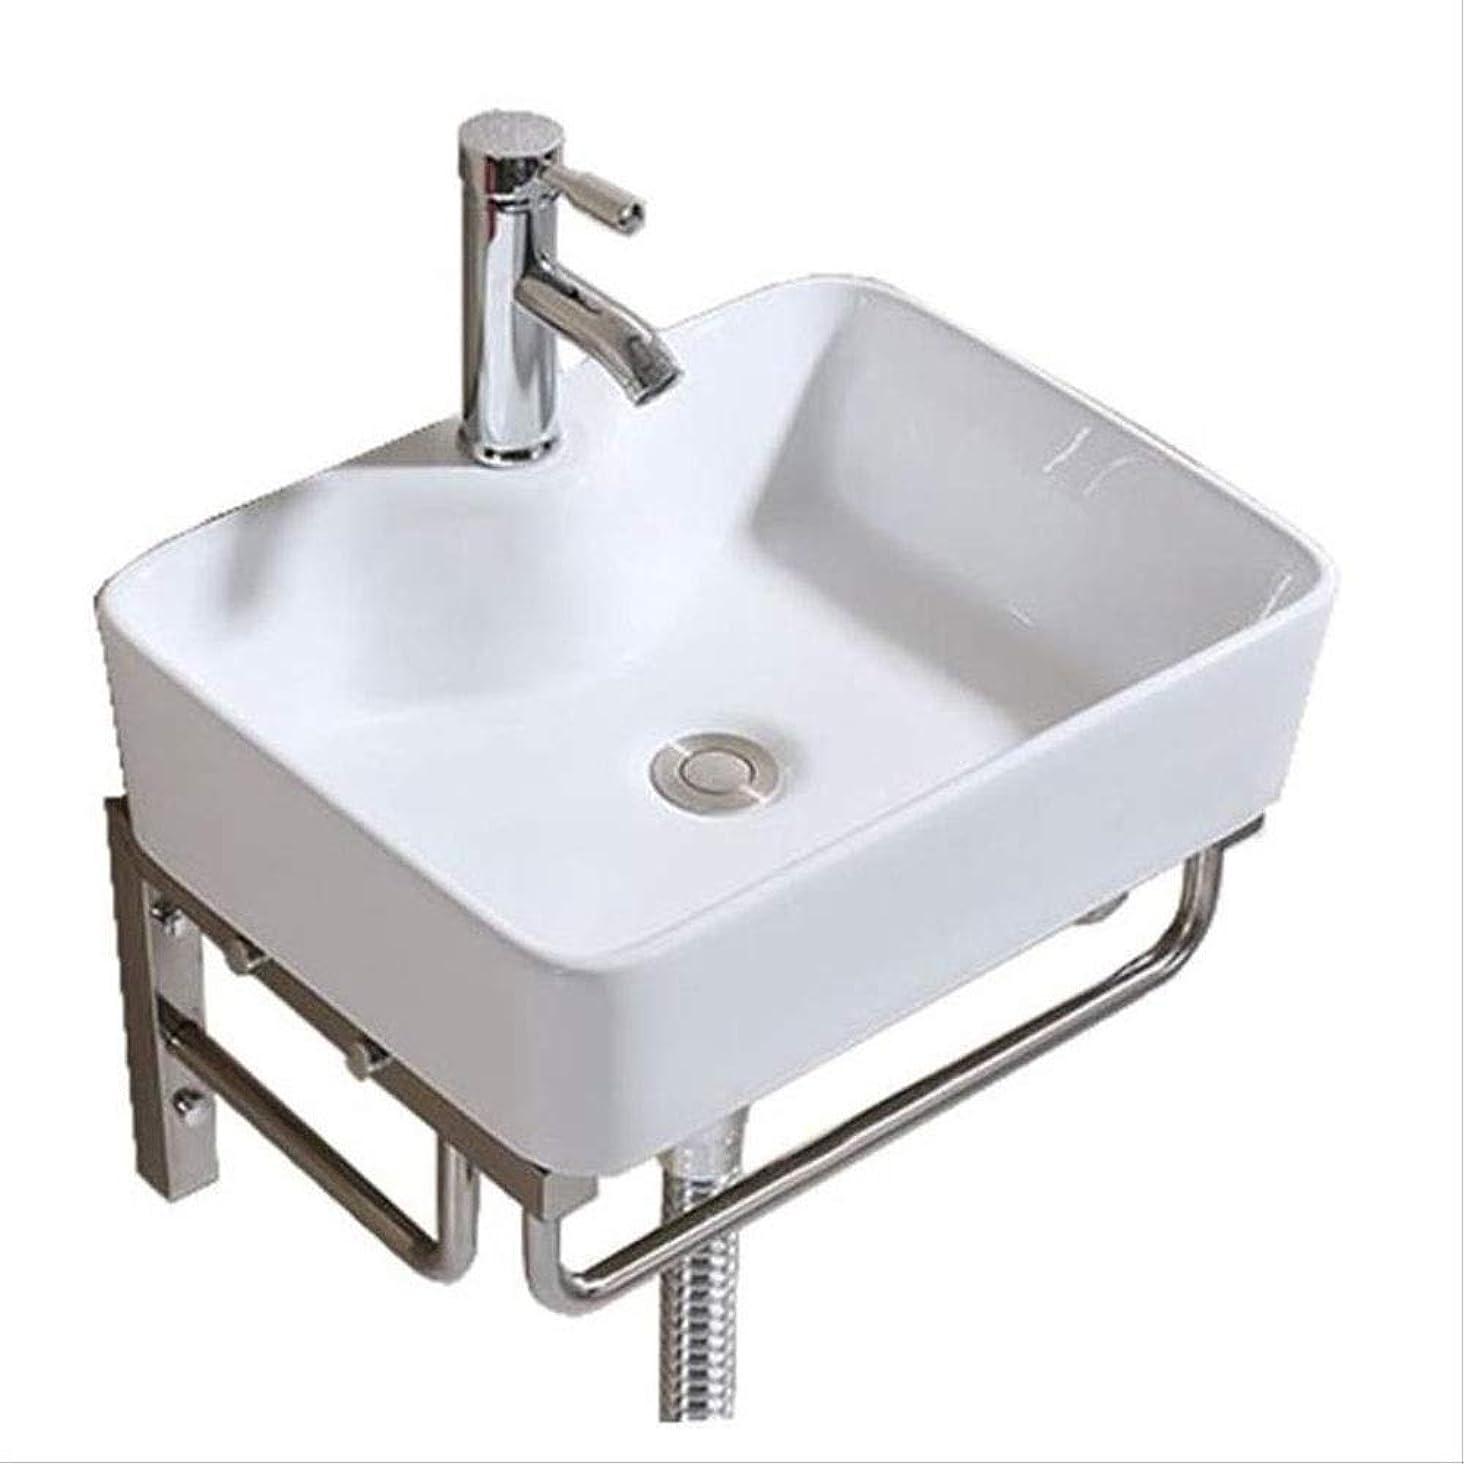 居住者めるオン洗面ボール 小さなクロークが維持しやすいときれいな白いセラミック洗面台ウォールマウント 浴室用 キッチン用 (Color : White, Size : Free size)